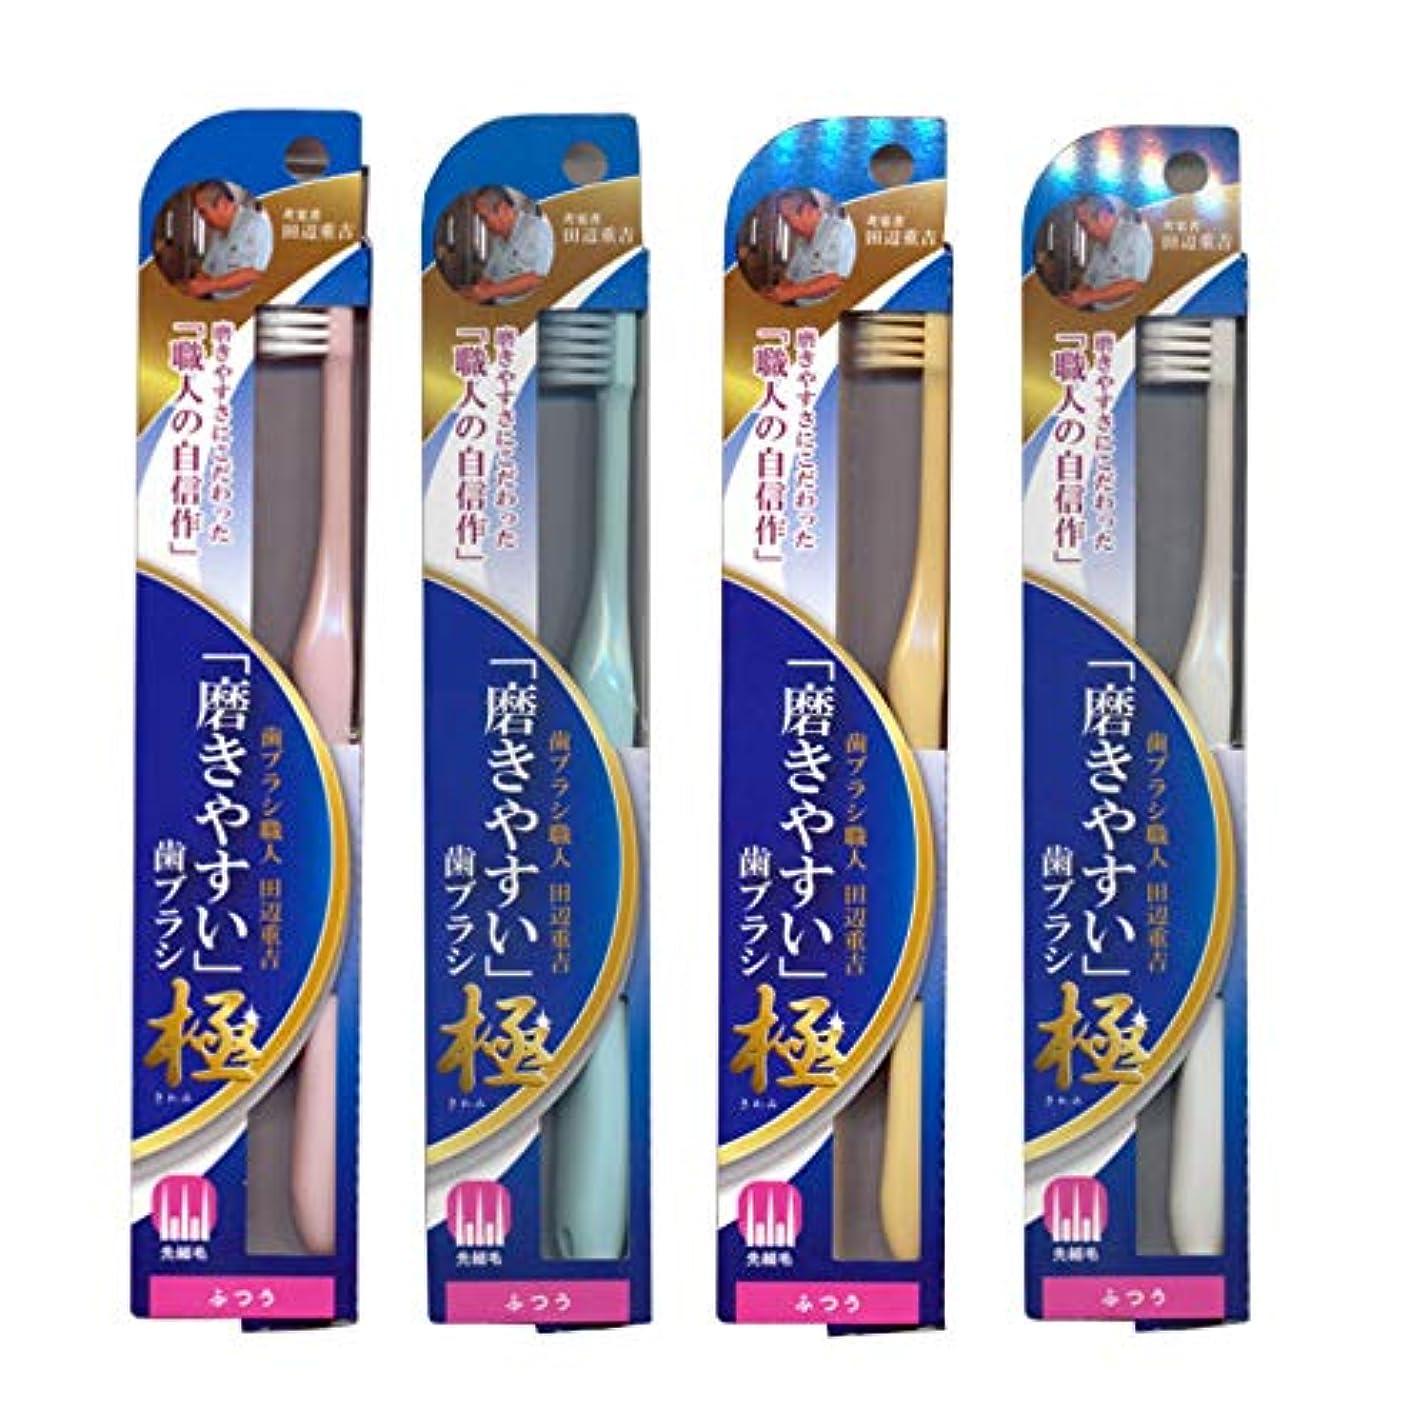 予測する大破構成磨きやすい歯ブラシ極 (ふつう) LT-44×4本セット(ピンク×1、ブルー×1、ホワイト×1、イエロー×1)先細毛